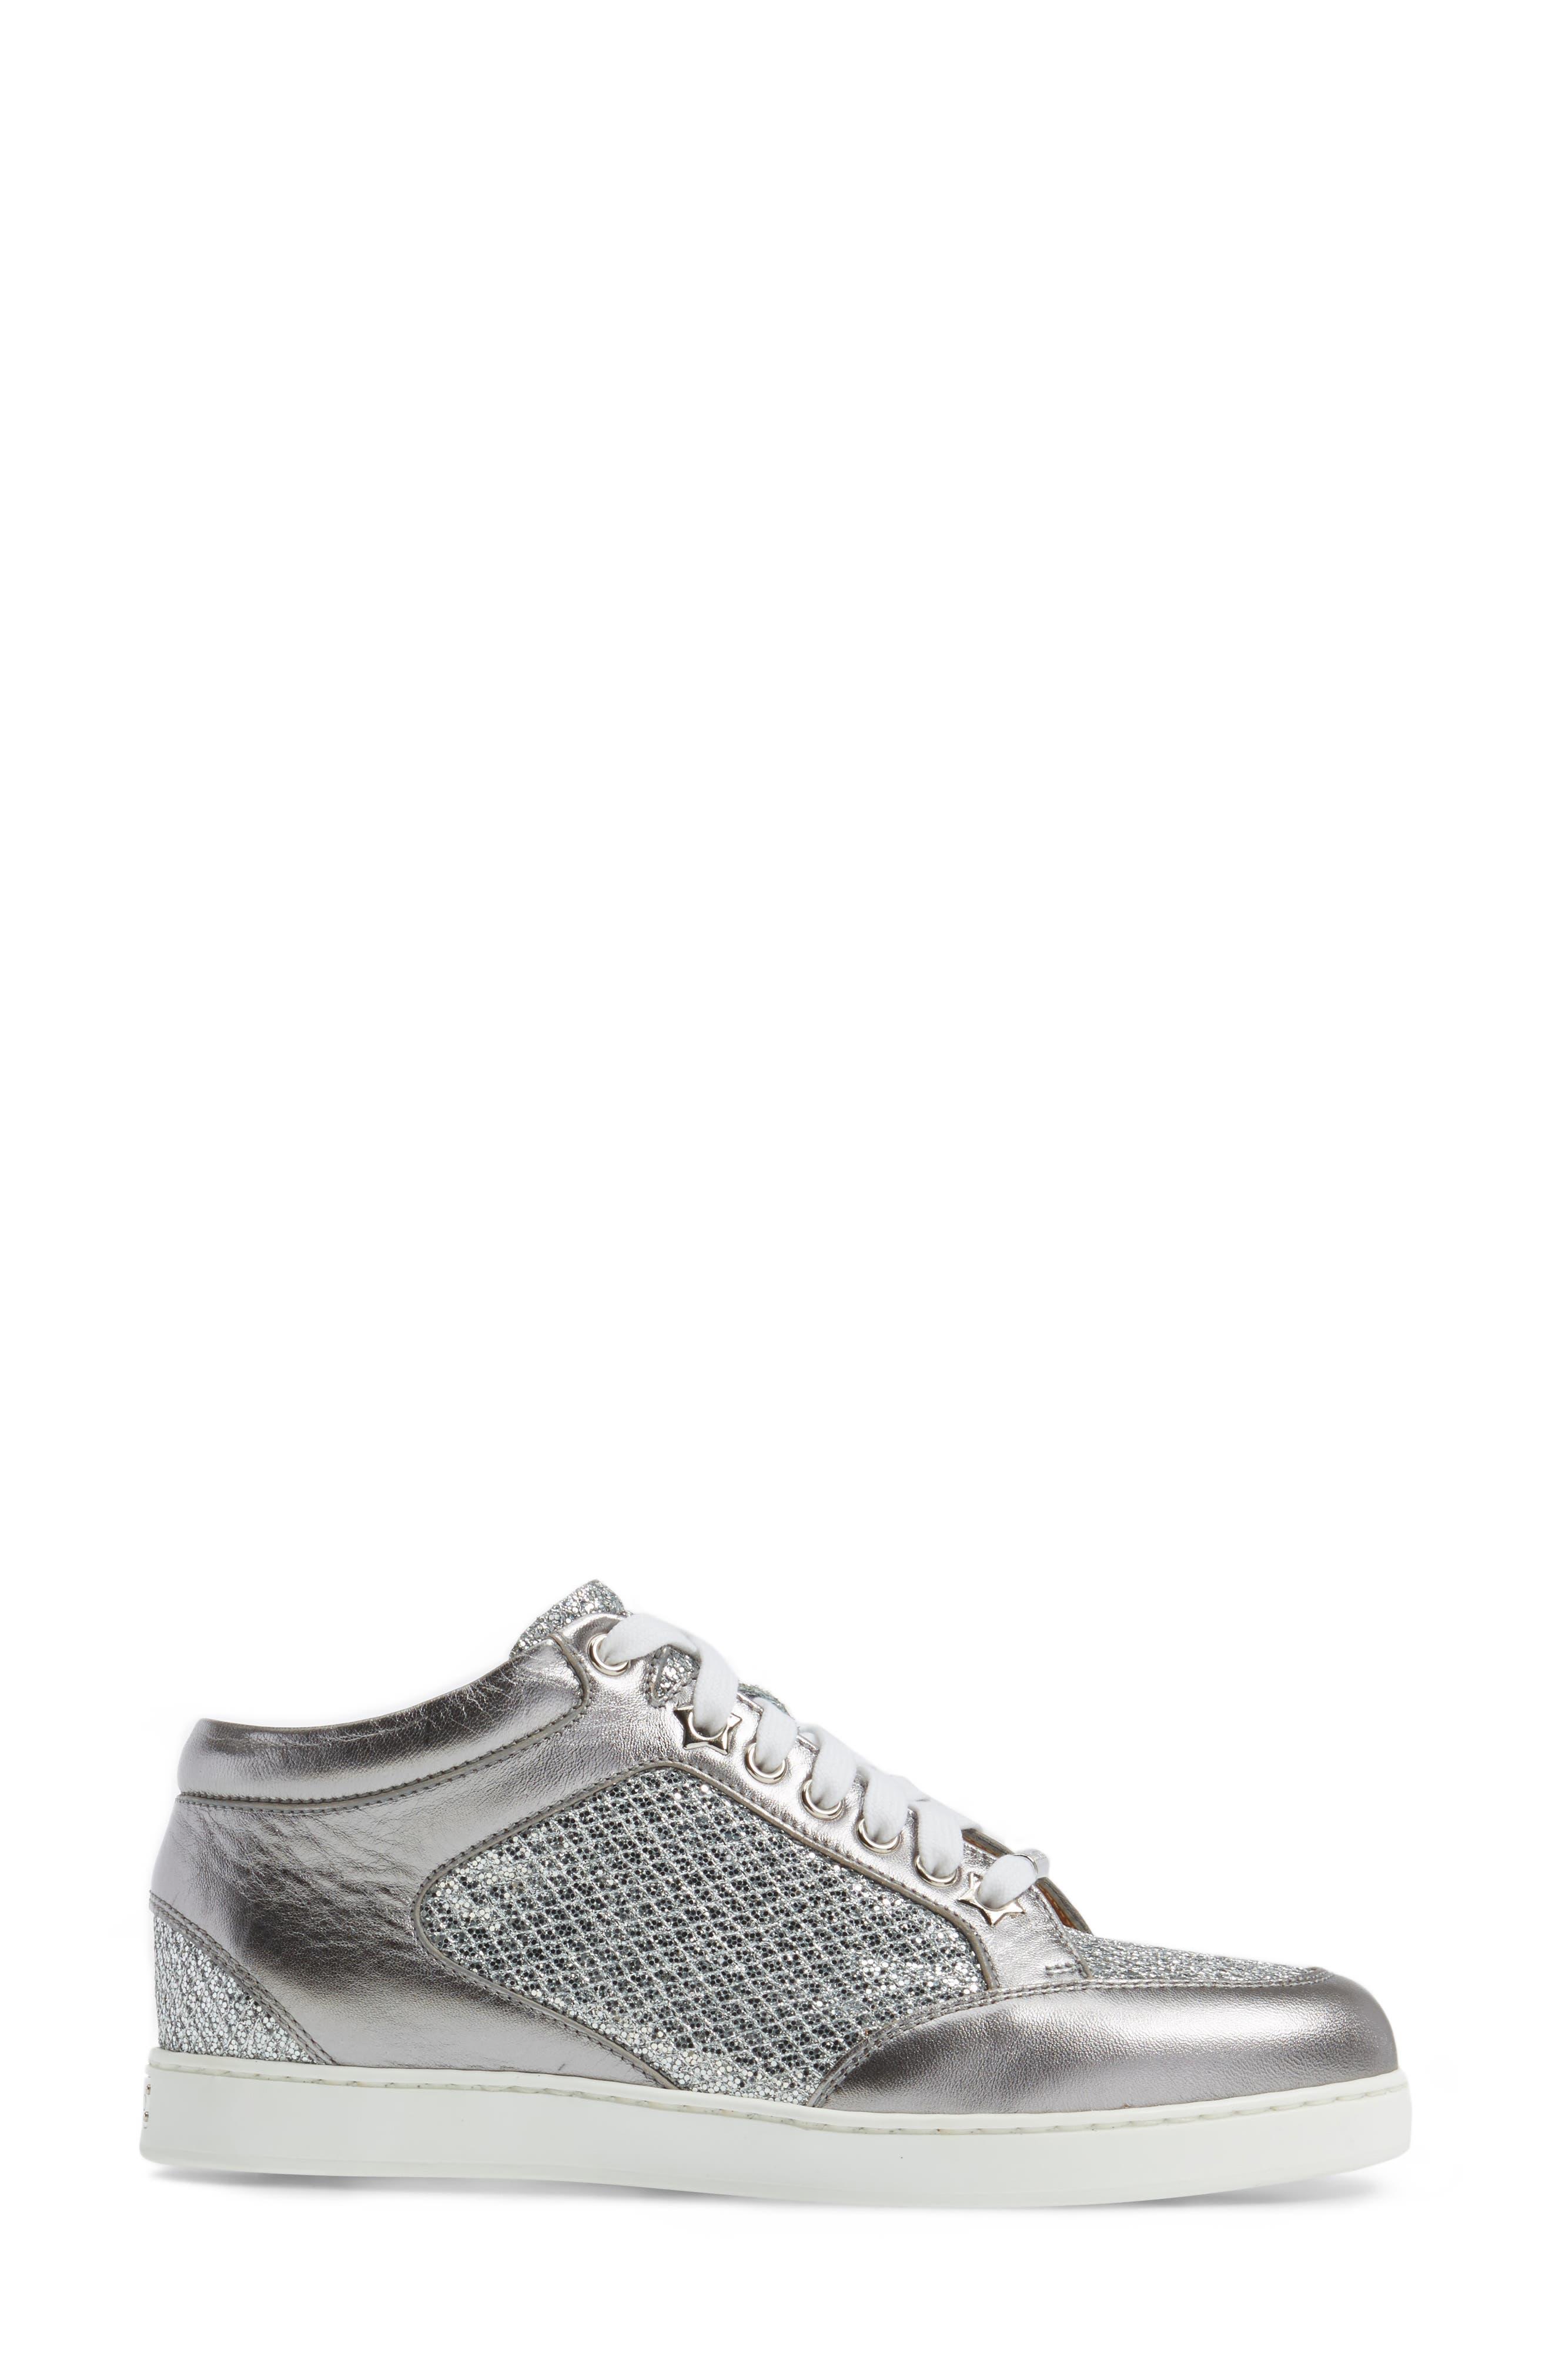 Alternate Image 3  - Jimmy Choo Miami Glitter Sneaker (Women)